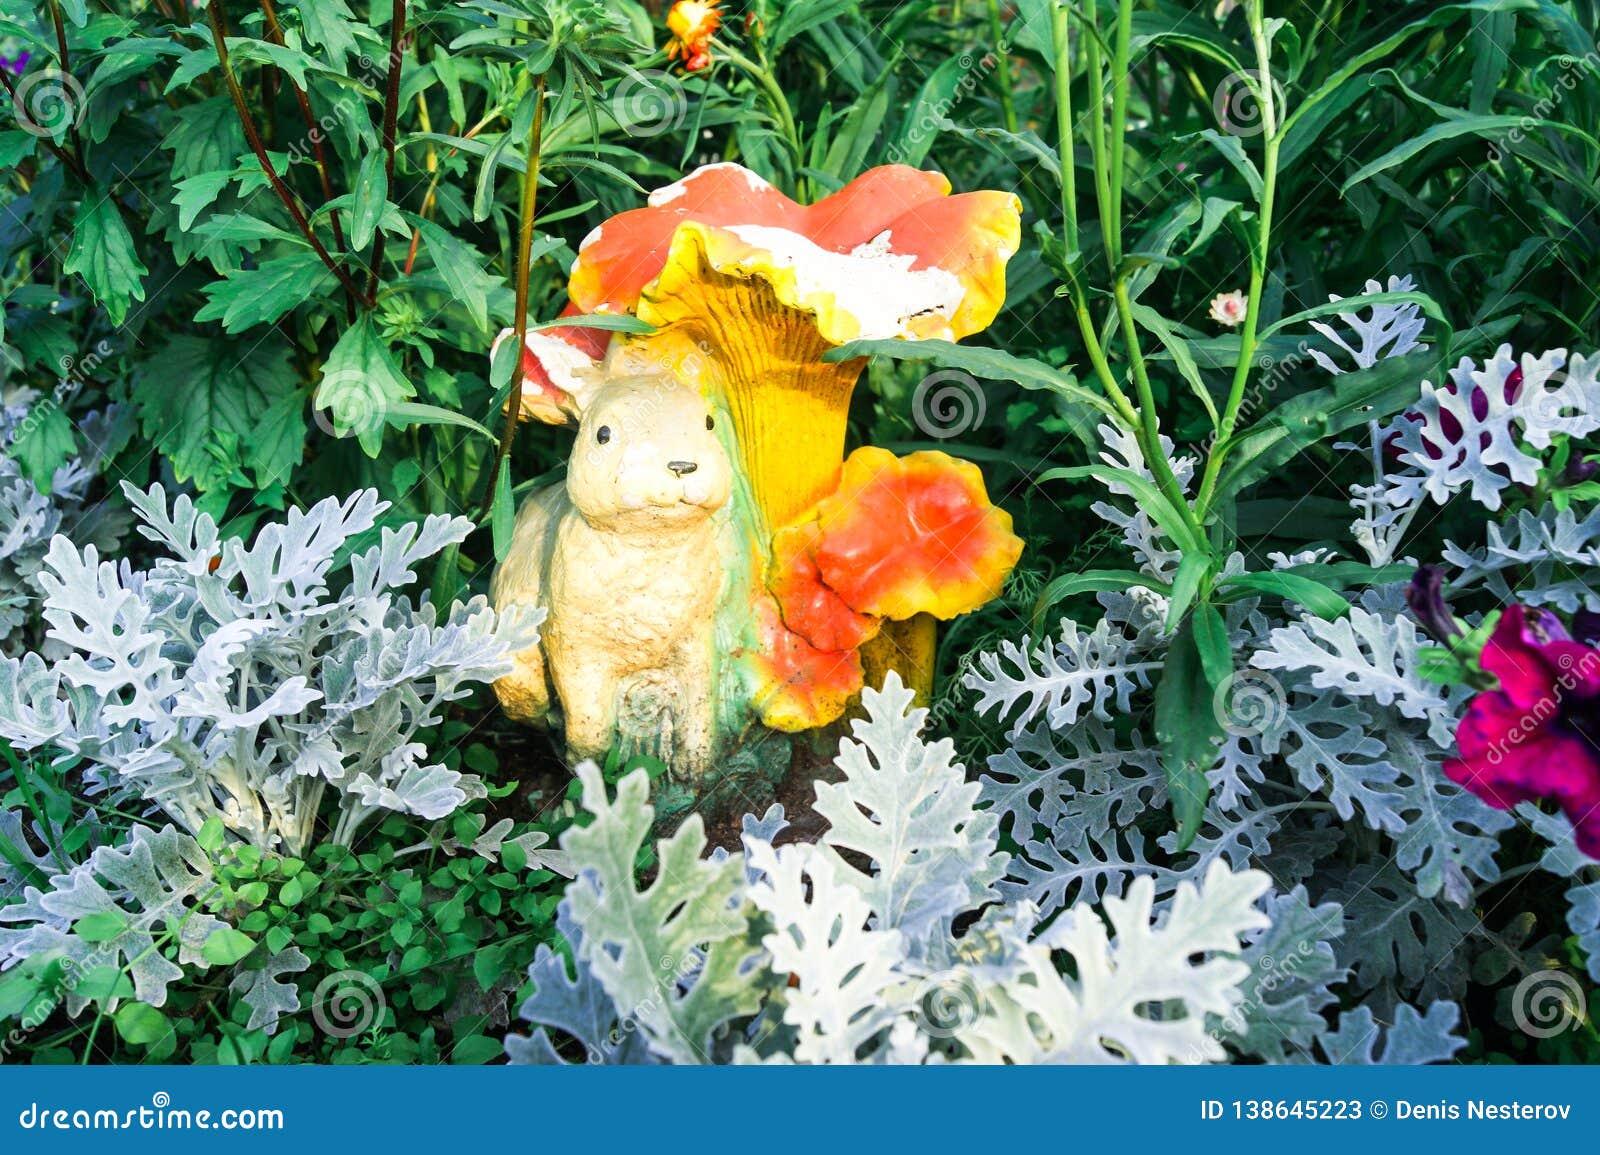 Cineraria στο υπόβαθρο των πράσινων φύλλων και το γλυπτό ενός λαγού στον κήπο